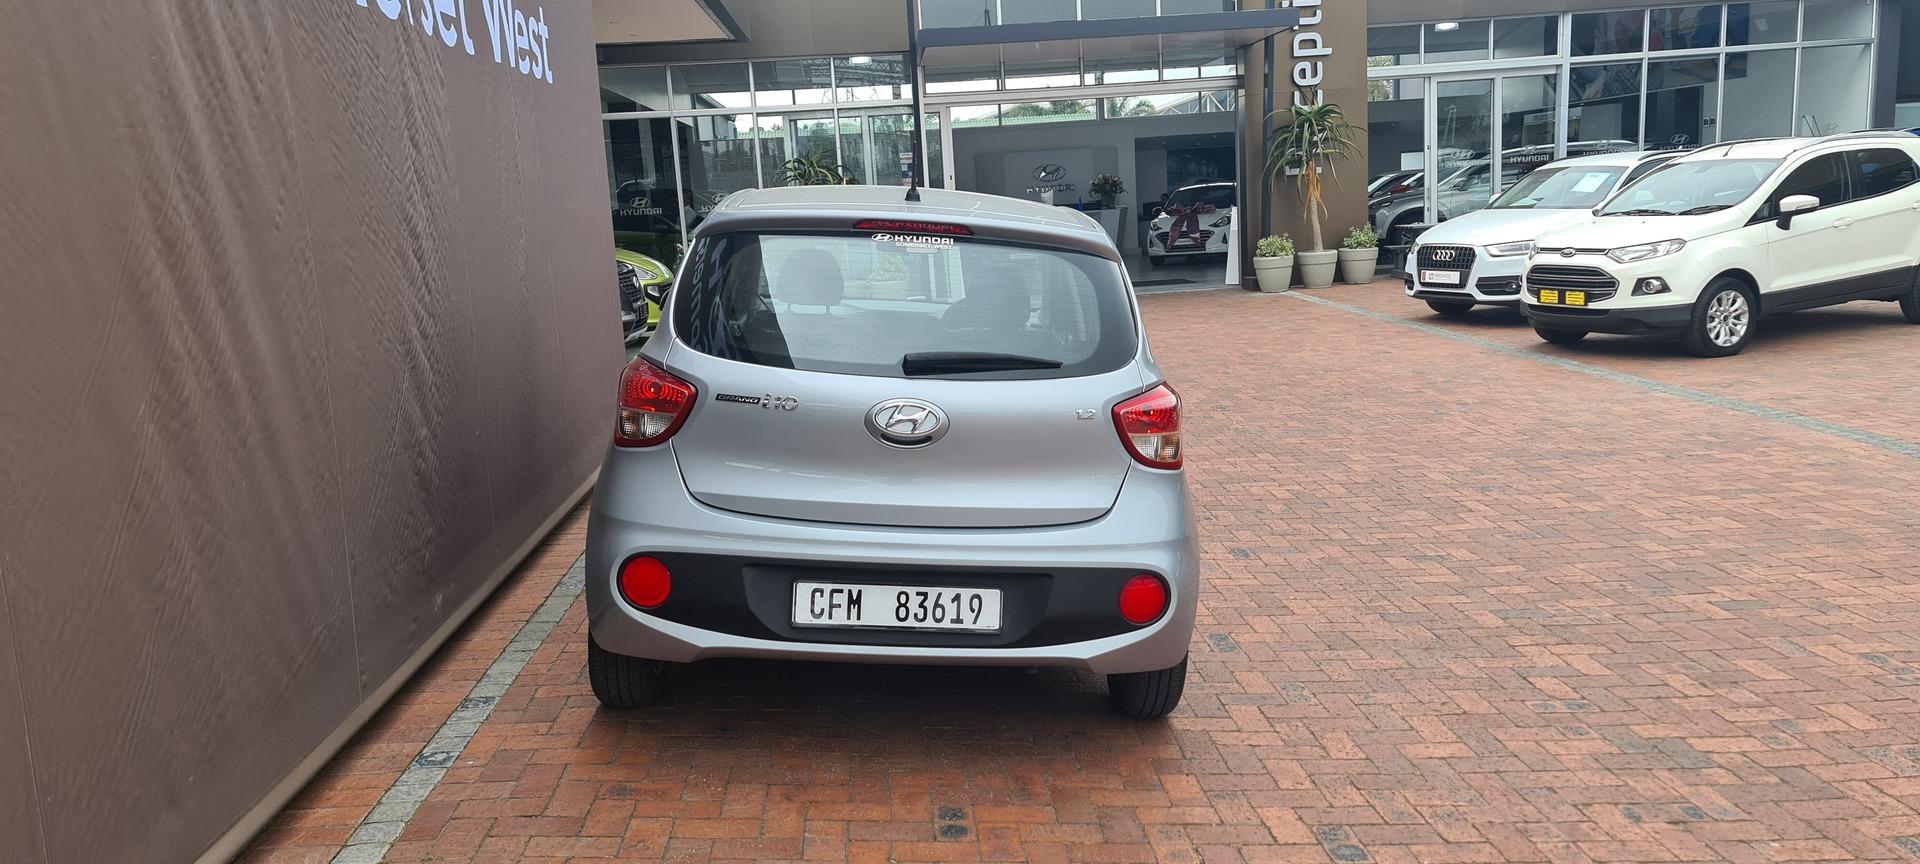 HYUNDAI 1.25 FLUID Cape Town 3322442